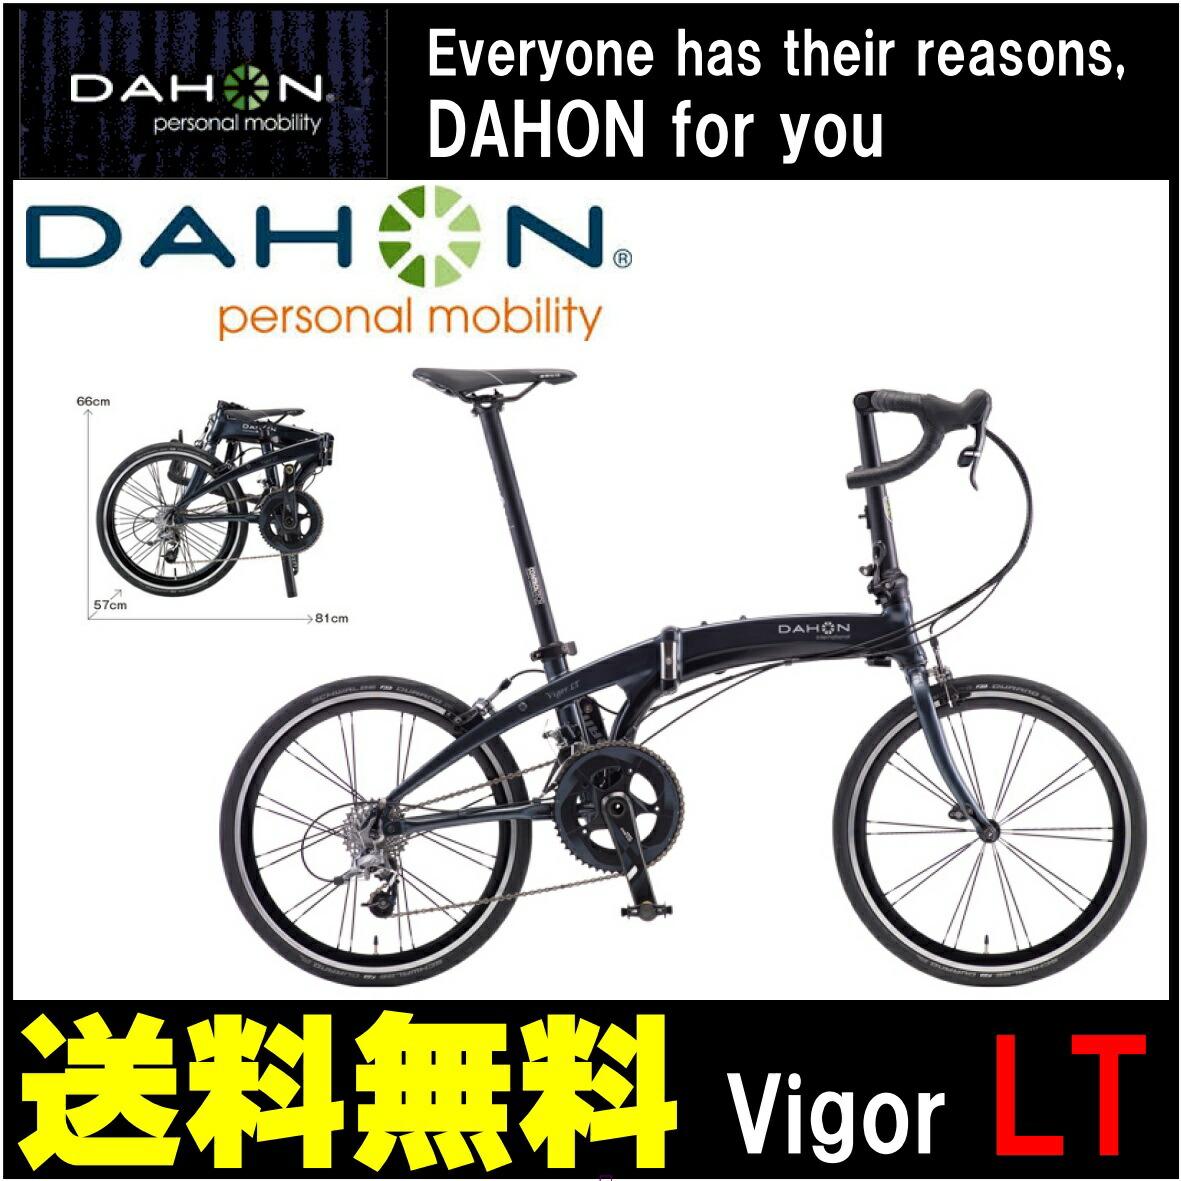 折りたたみ自転車 DAHON Vigor LT ダホン 自転車 ガンメタリック シルバー20インチ 折りたたみ自転車 外装22段変速ギア Gunmetal ダホン 折りたたみ自転車 DAHON ヴィガー LT